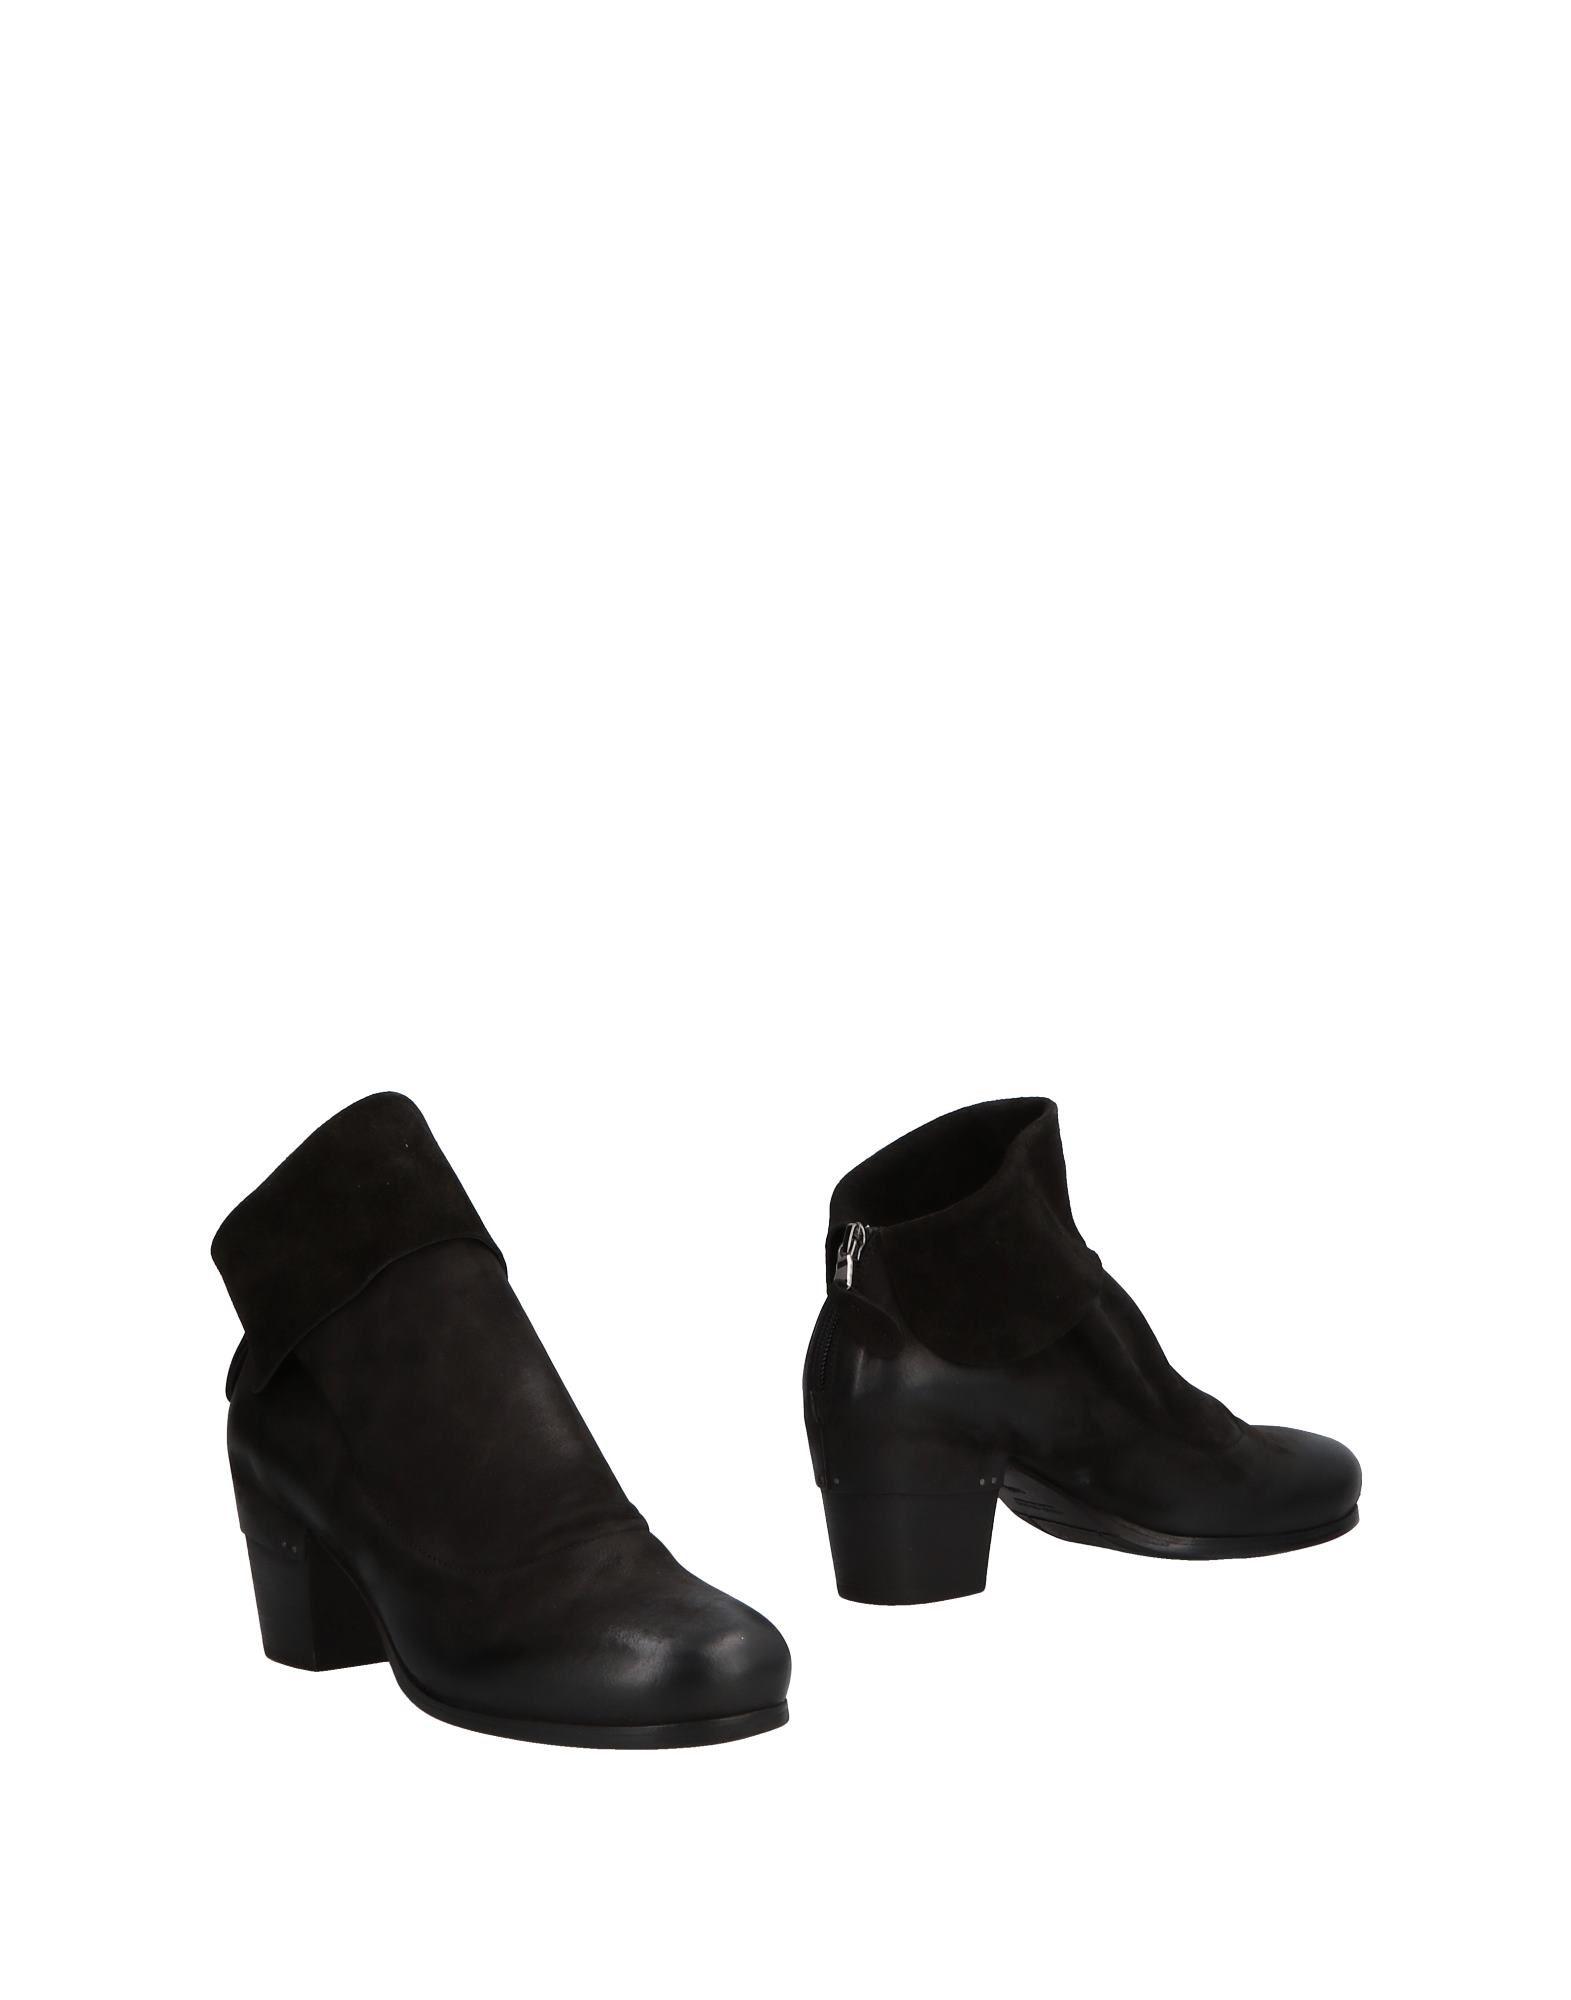 Sneakers Hogan Uomo - 11537207XK Scarpe economiche e buone